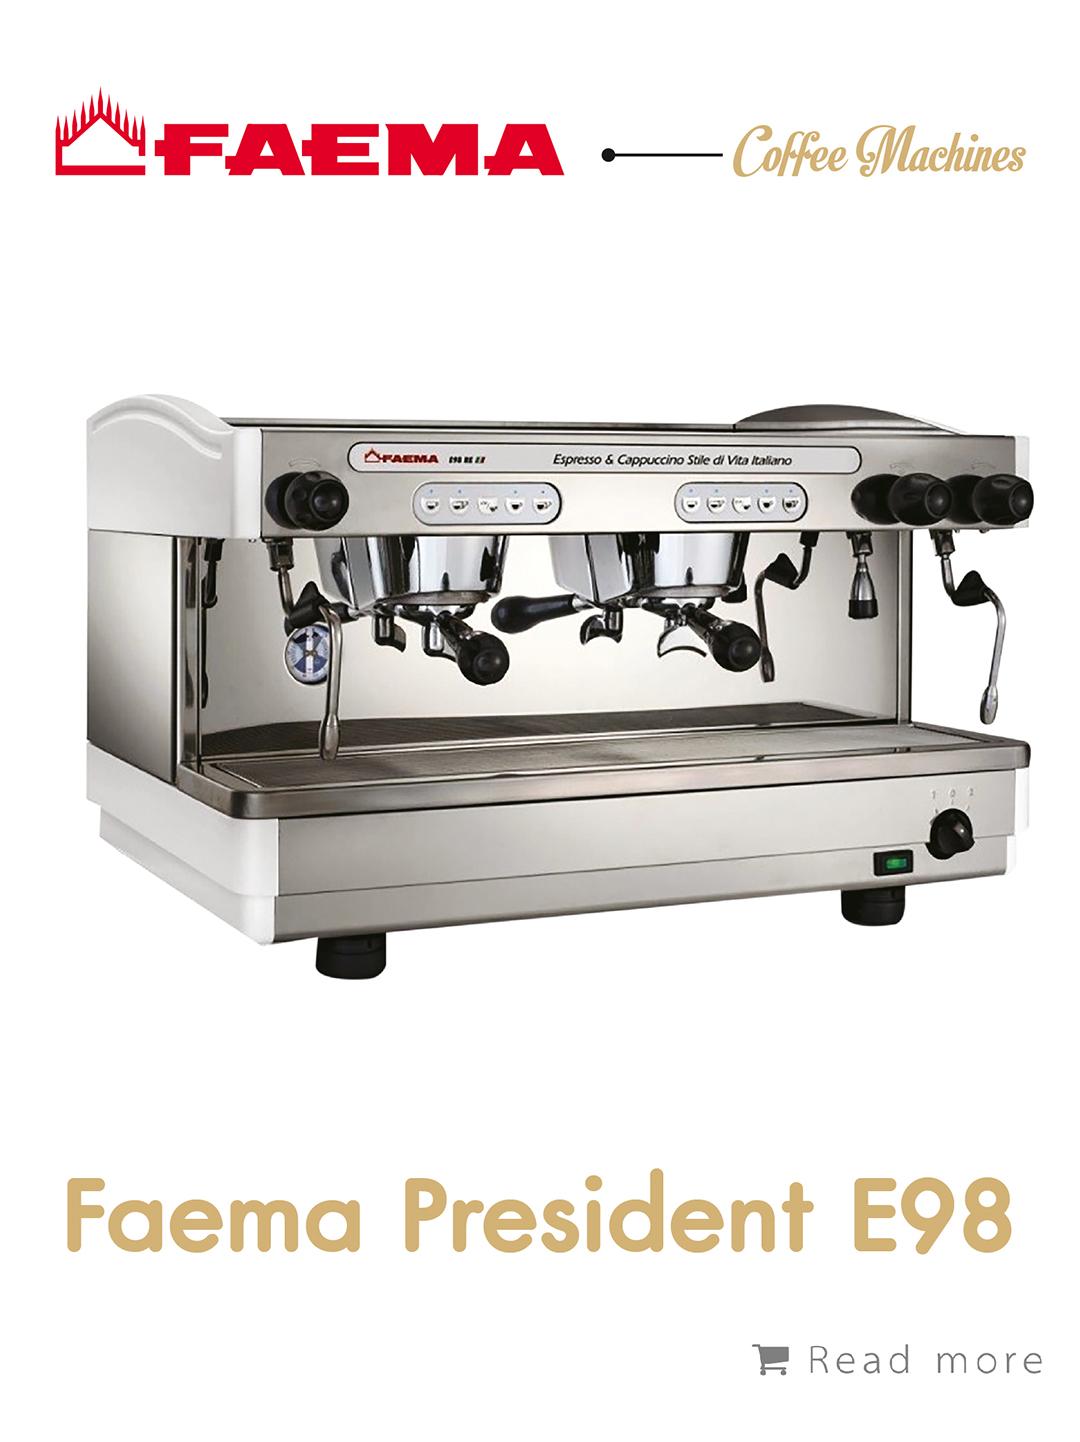 เครื่องชงกาแฟ Faema President E98,เครื่องชงกาแฟ, เรียนชงกาแฟ, สอนชงกาแฟ, อุปกรณ์ร้านกาแฟ, กาแฟคั่ว, ซ่อมเครื่องชงกาแฟ, ขายเครื่องชงกาแฟ, จำหน่ายเมล็ดกาแฟคั่ว, ขายเมล็ดกาแฟคั่ว, จำหน่ายเมล็ดกาแฟสาร, ขายเมล็ดกาแฟสาร, เมล็ดกาแฟคั่ว, เมล็ดกาแฟสาร, อุปกรณ์สำหรับเปิดร้านกาแฟ , เปิดสอนฝึกอบรมการชงกาแฟที่ถูกต้อง , รับจ้างโปรเซสกาแฟ, คั่วกาแฟด้วยเครื่องจักรอันทันสมัย